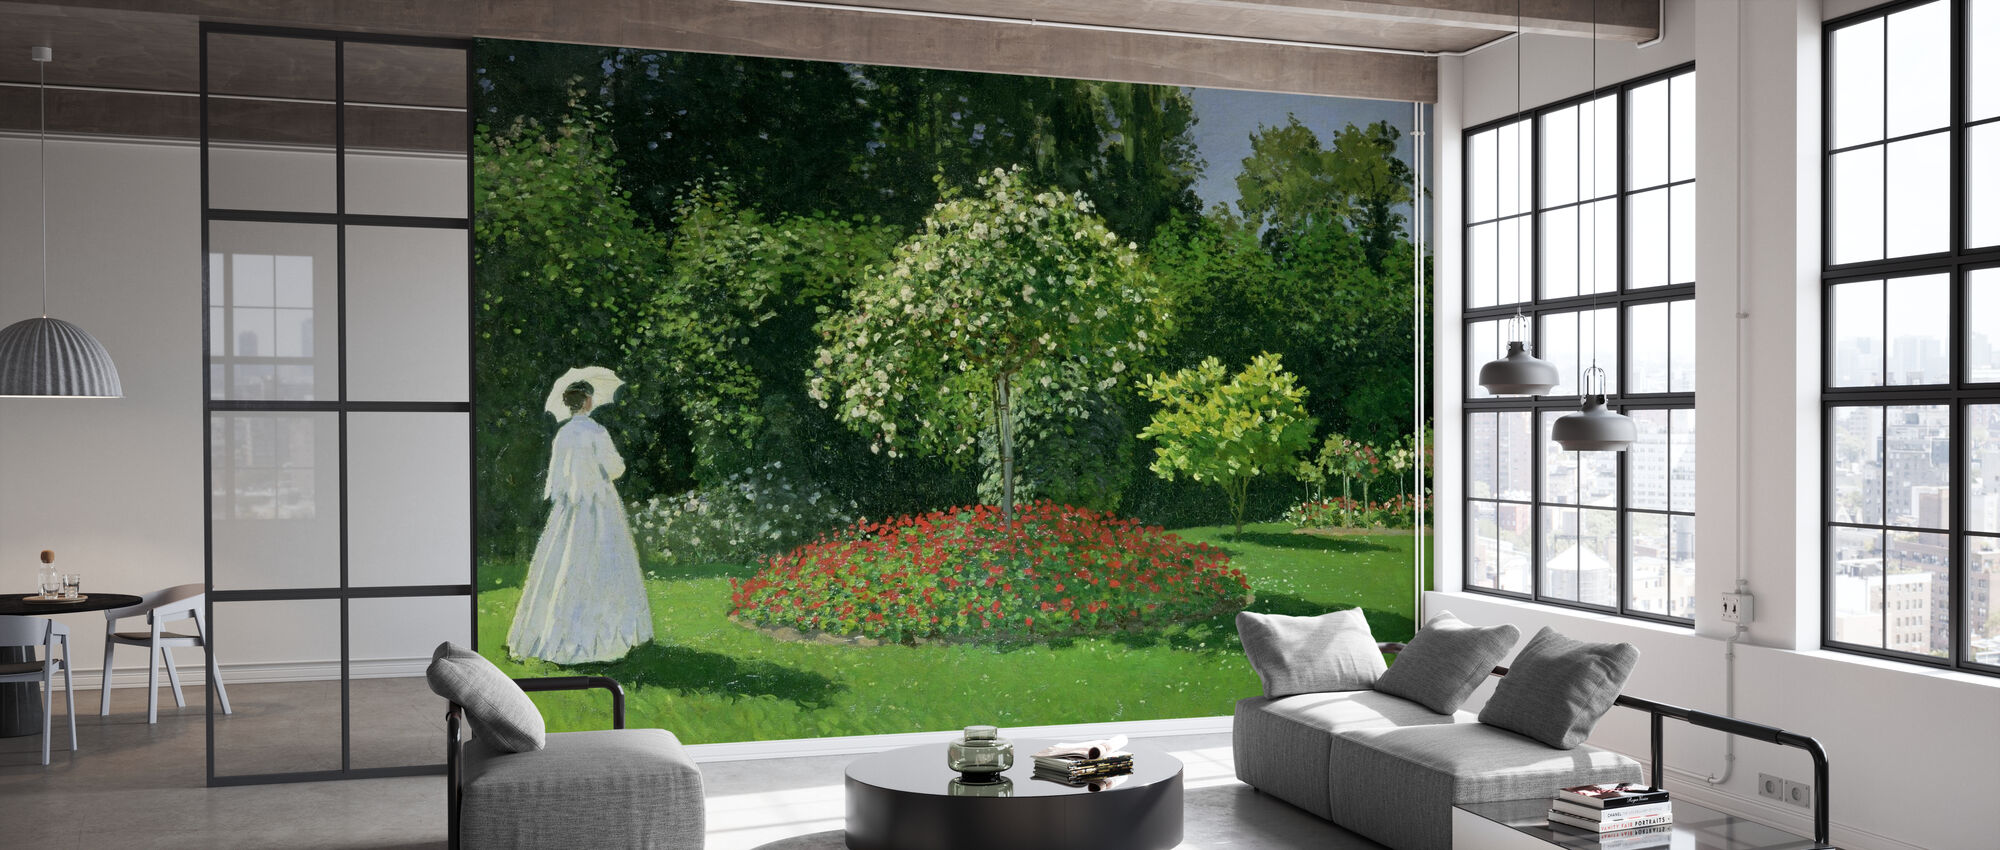 Nainen puutarhassa - Claude Monet - Tapetti - Toimisto